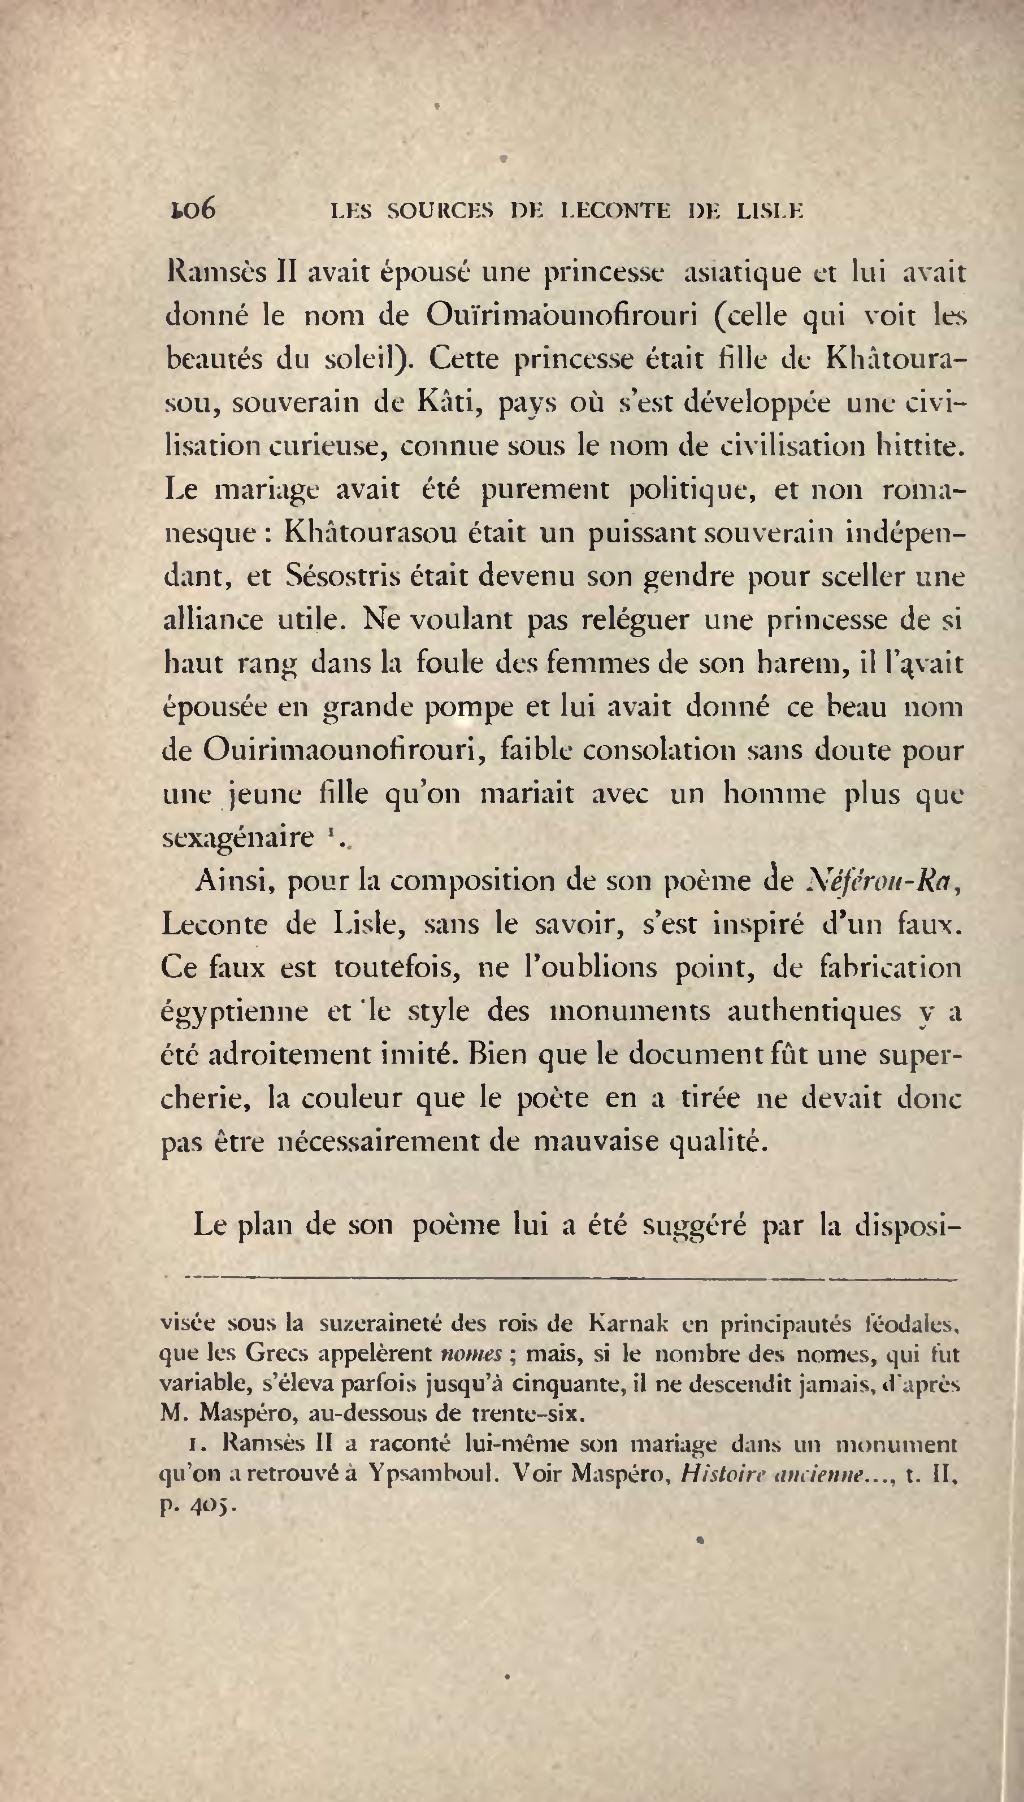 Pagevianey Les Sources De Leconte De Lisle 1907djvu122